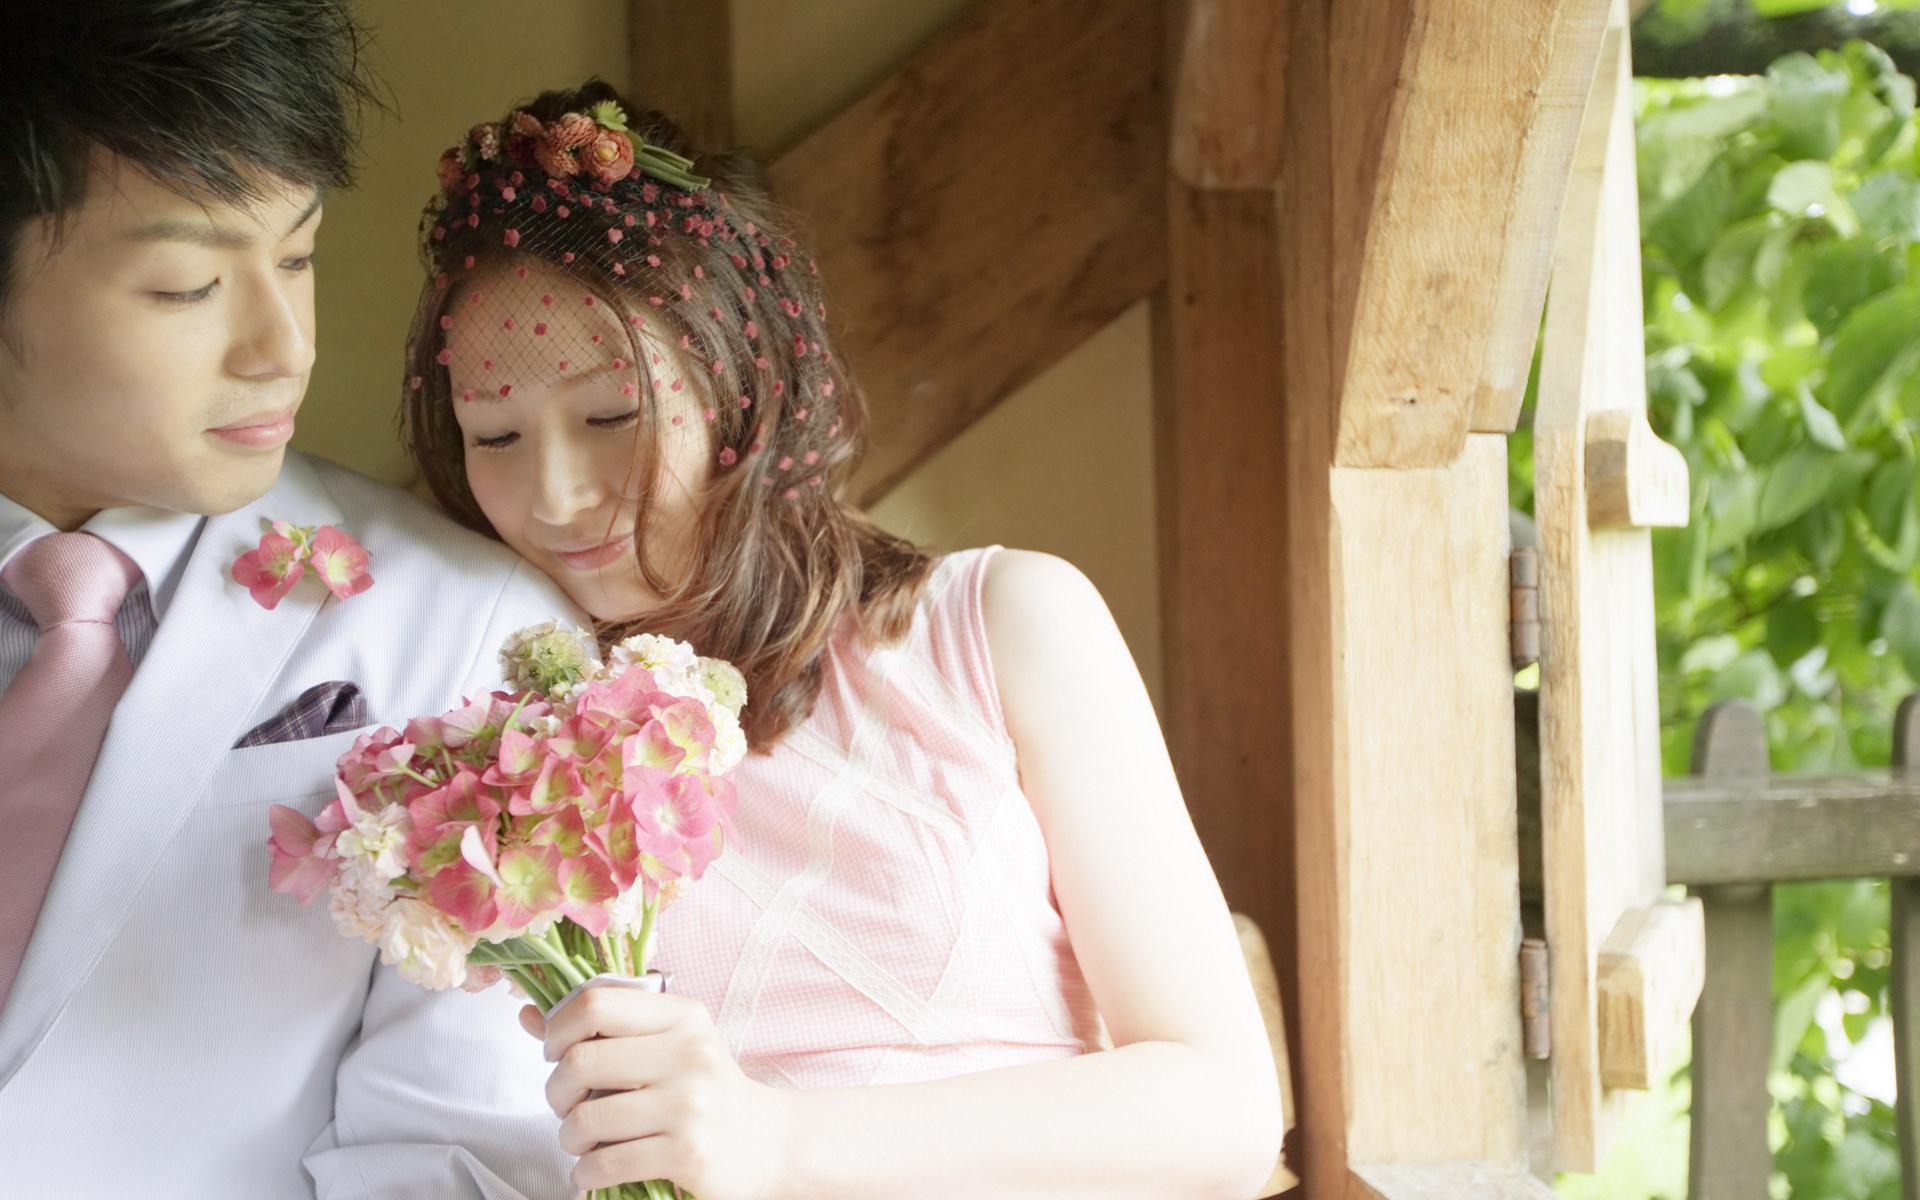 壁纸/幸福新娘壁纸...